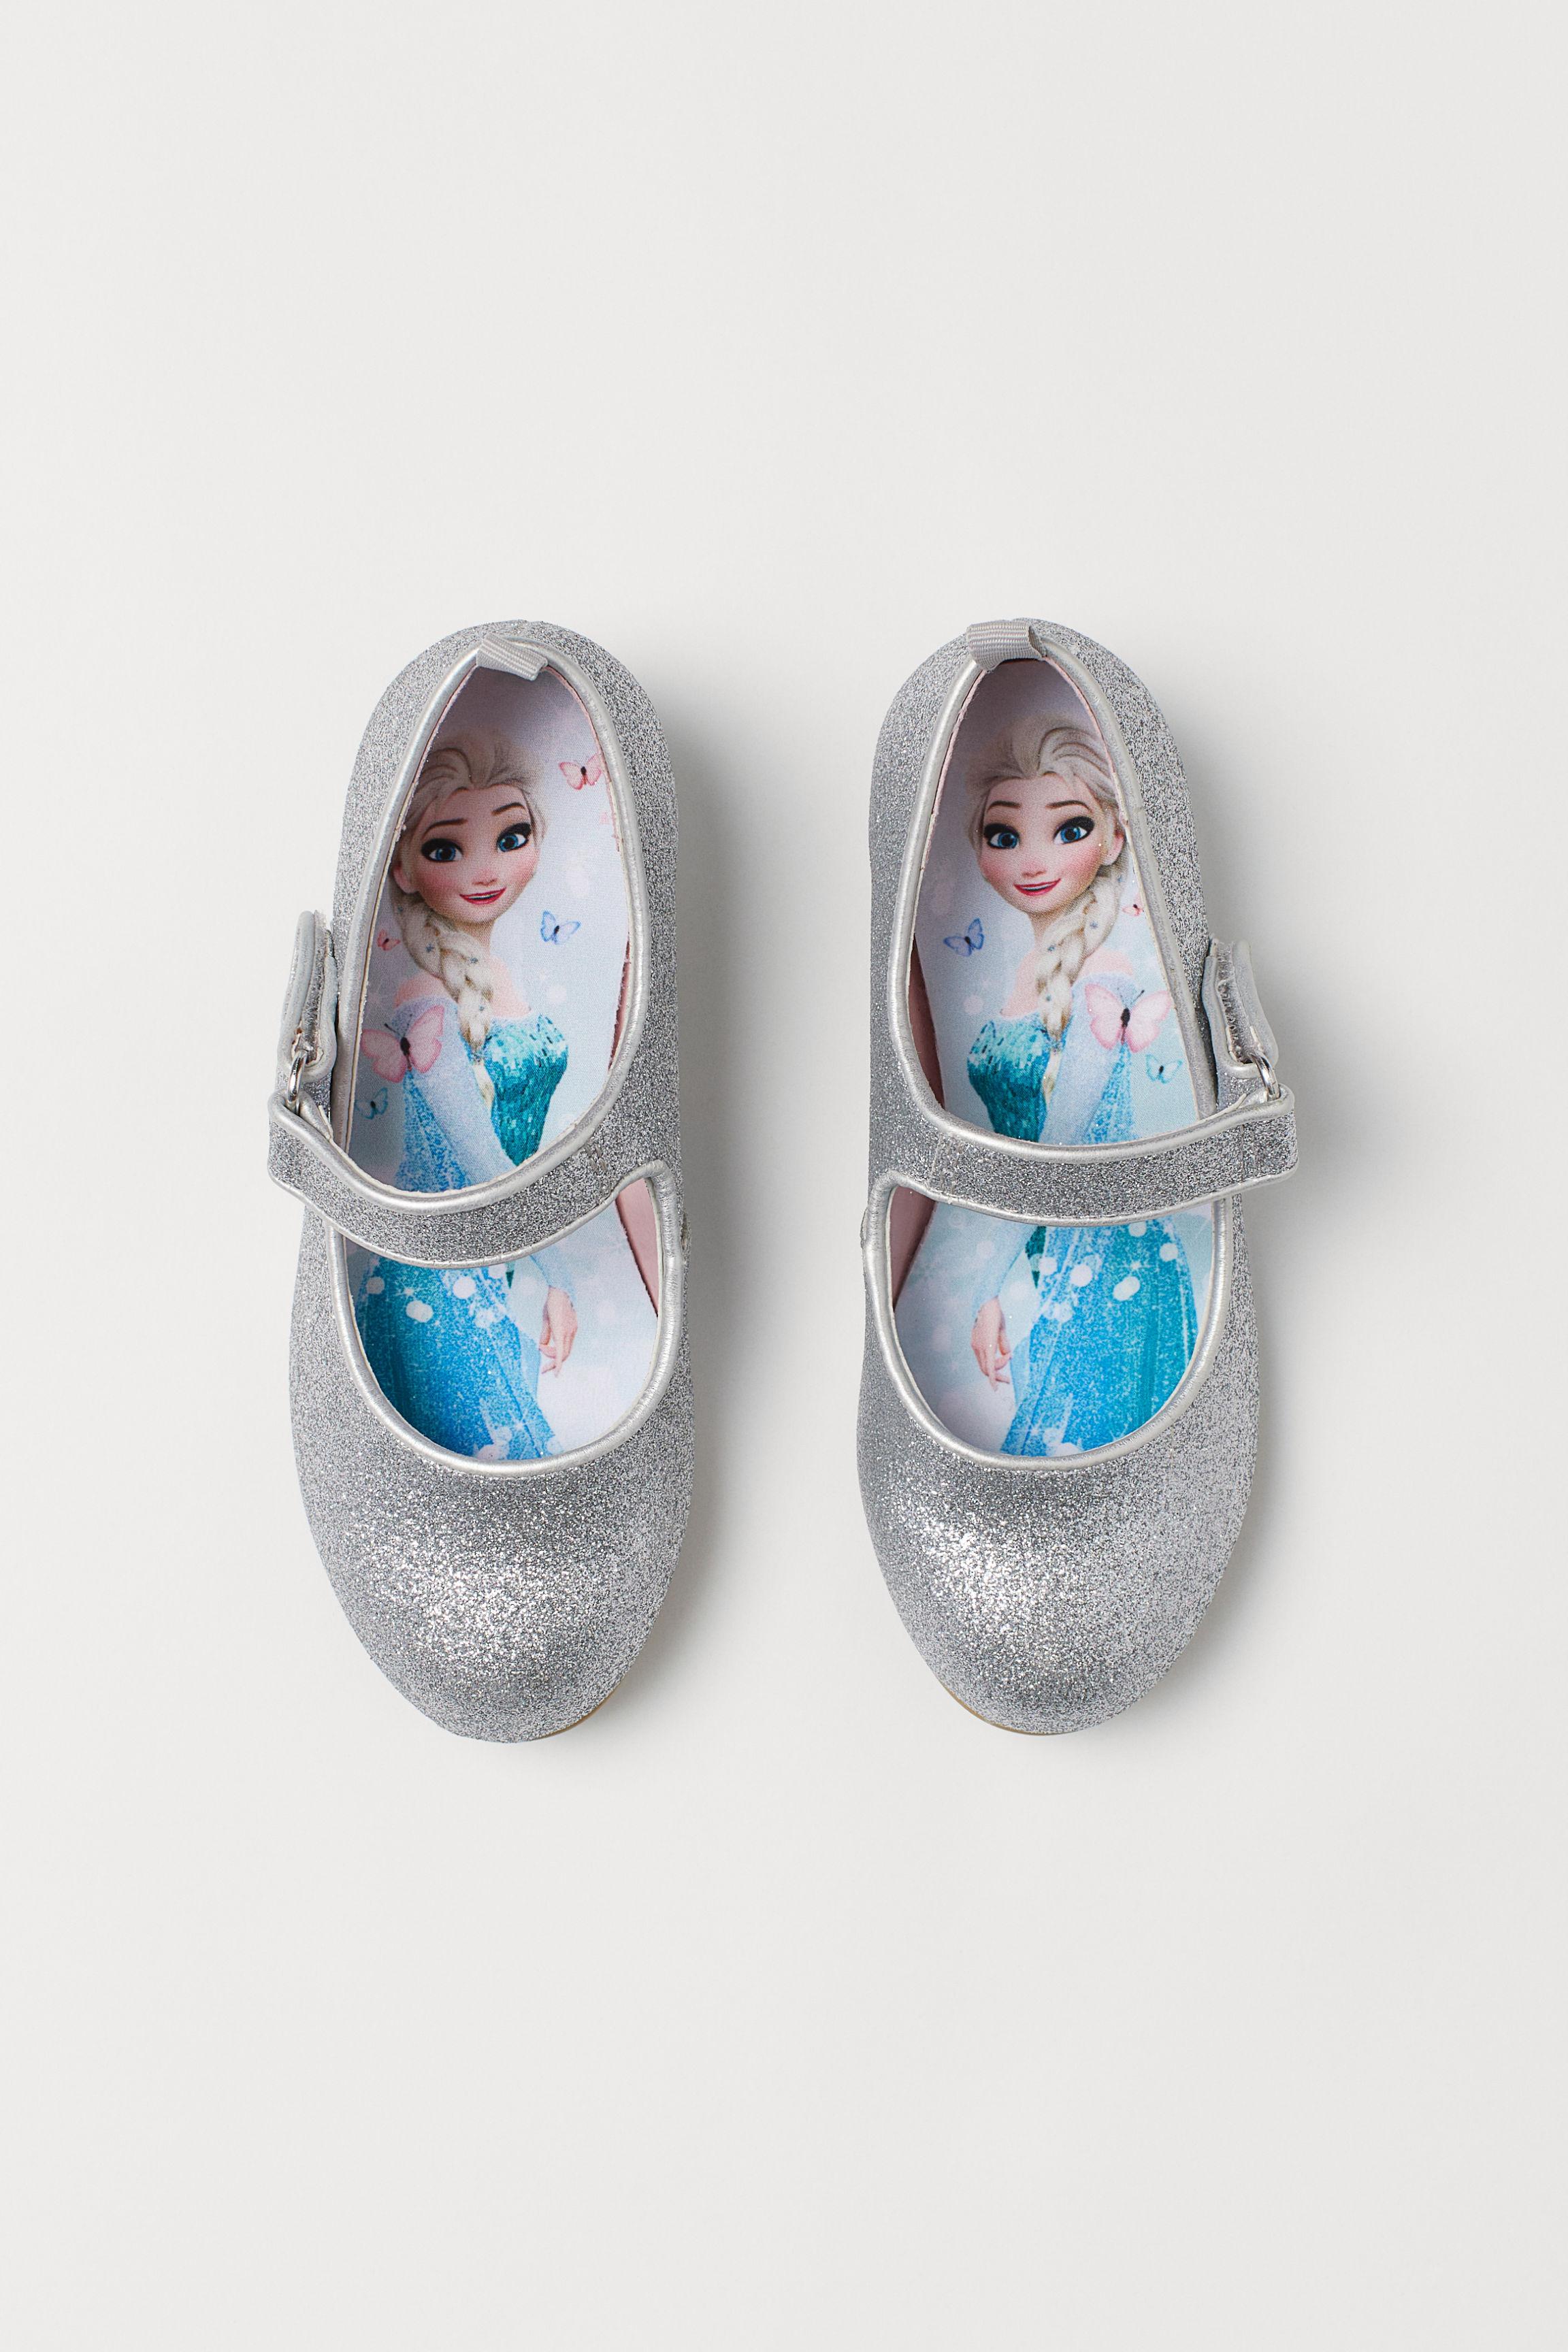 compra original nueva precios más bajos bajo costo Zapatos de disfraz brillantes